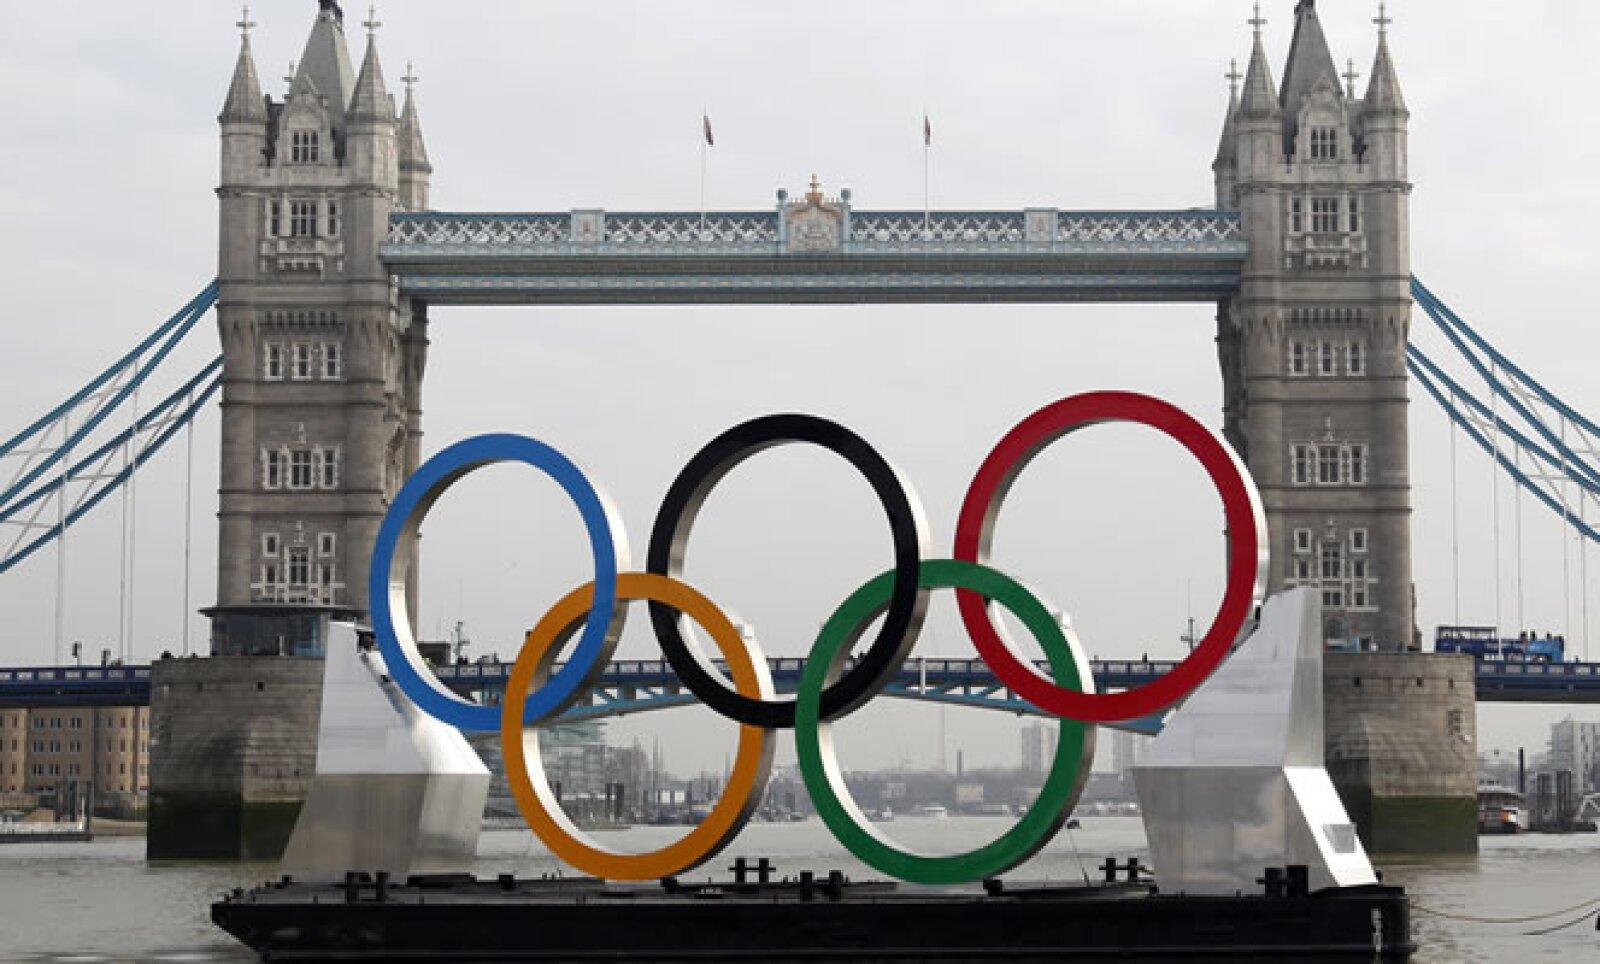 Gran Bretaña, que volvió a caer en recesión a inicios de este año, ha invertido 14,600 mdd en la construcción de distintas sedes olímpicas.